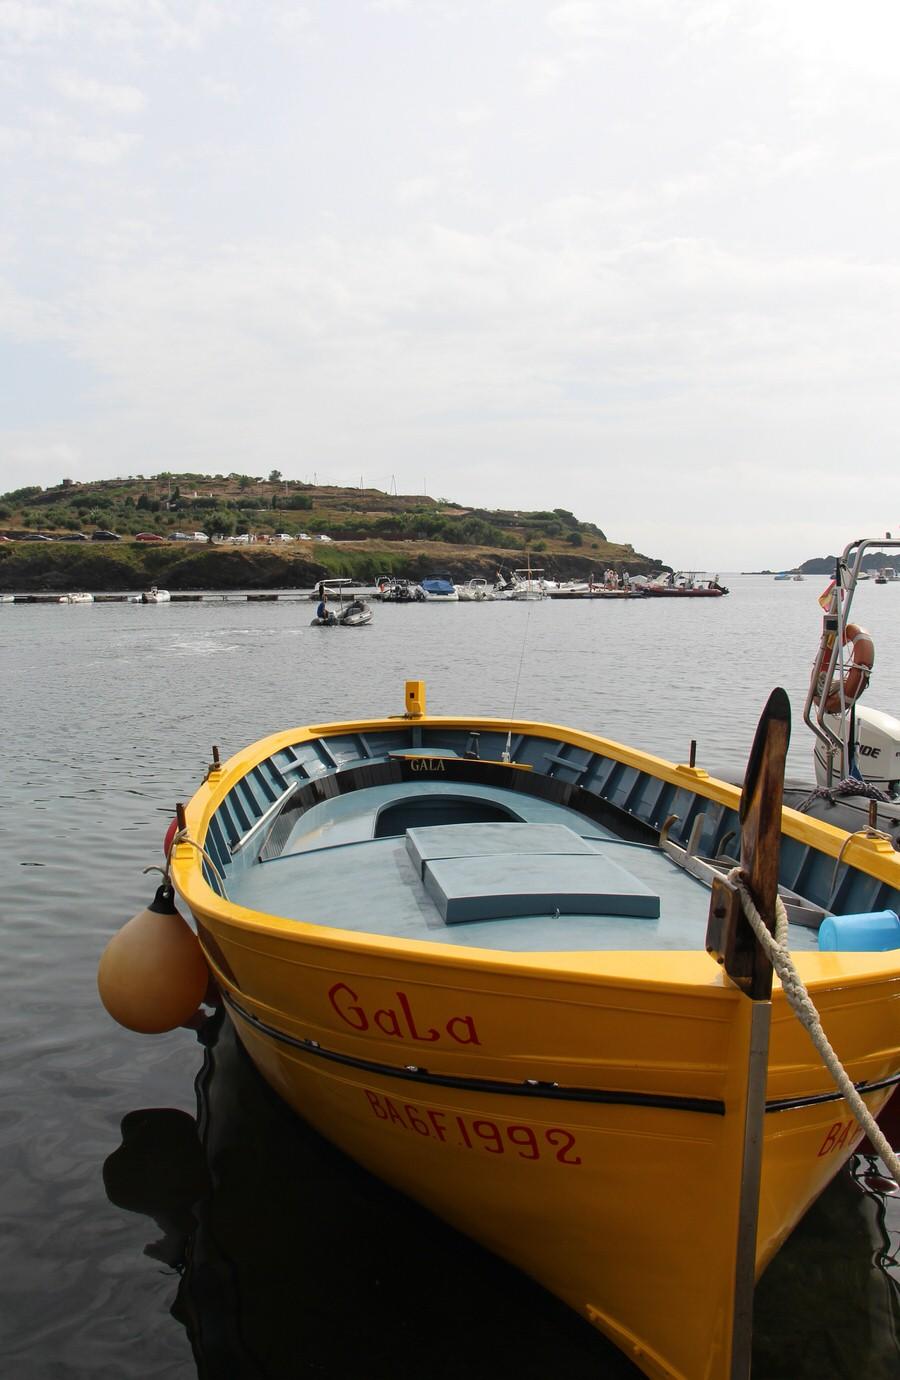 Barca de paseo De Dalí y Gala